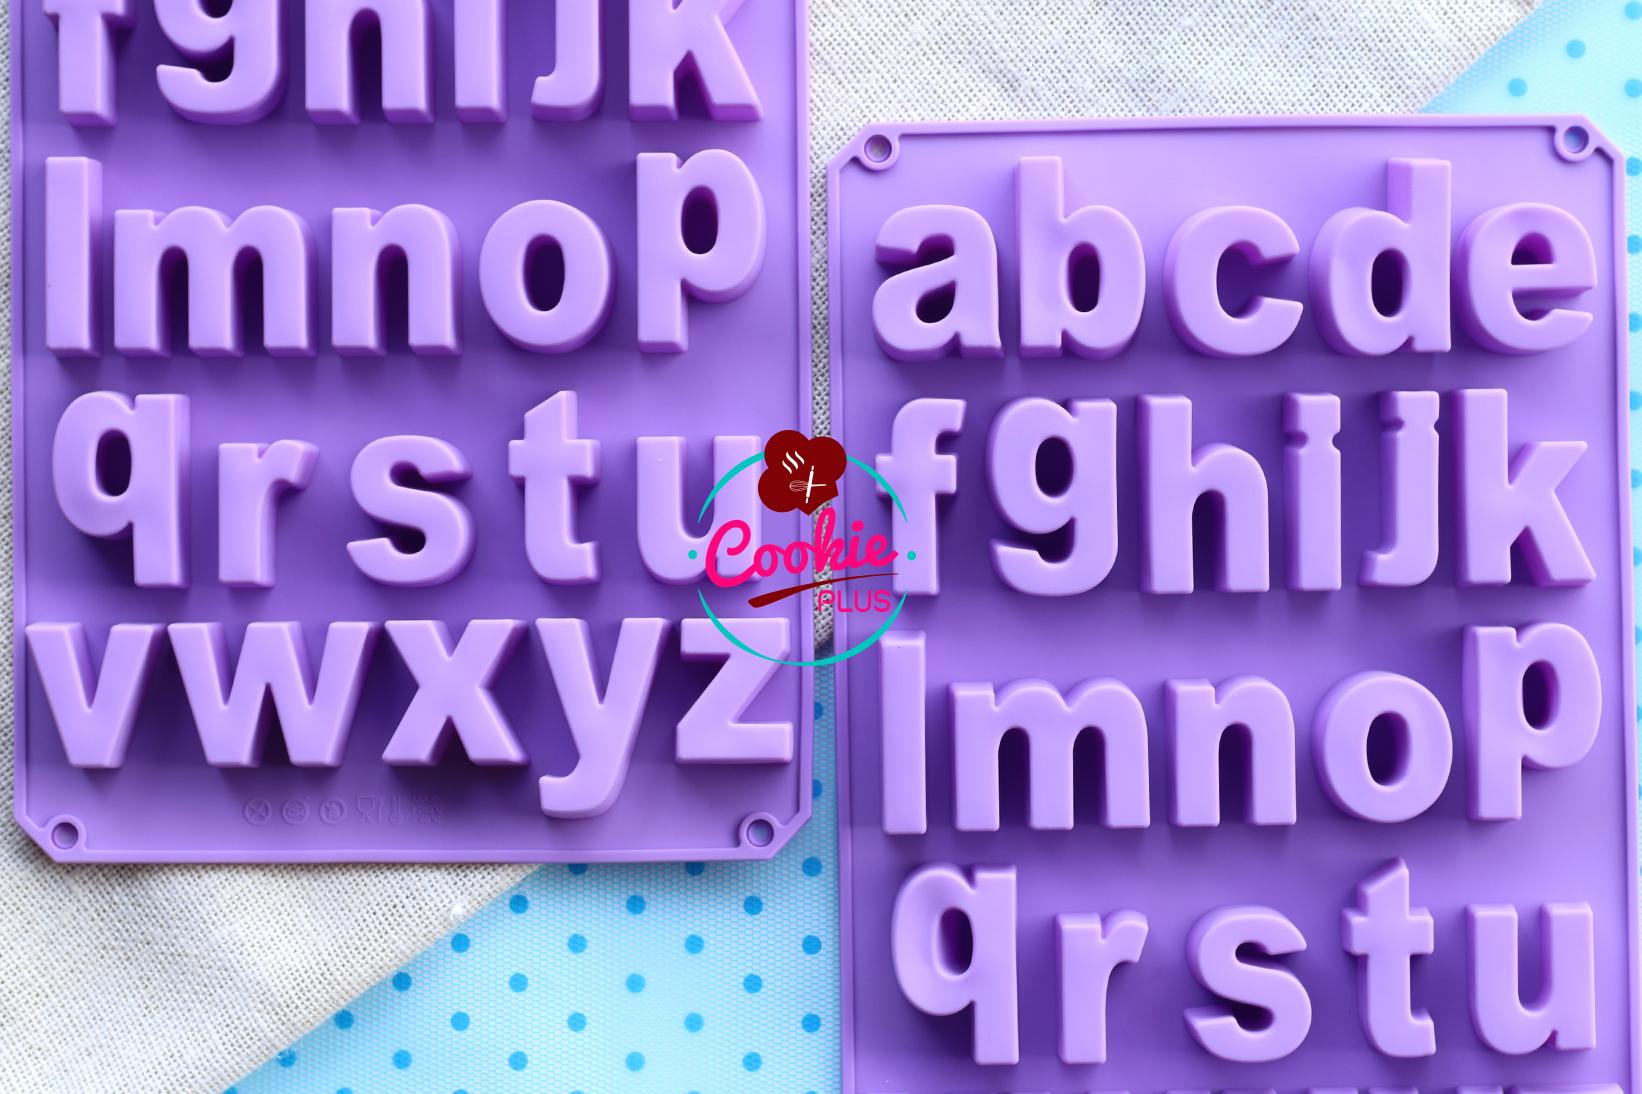 แม่พิมพ์ซิลิโคน พิมพ์วุ้นแฟนซี a-z ตัวพิมพ์เล็ก